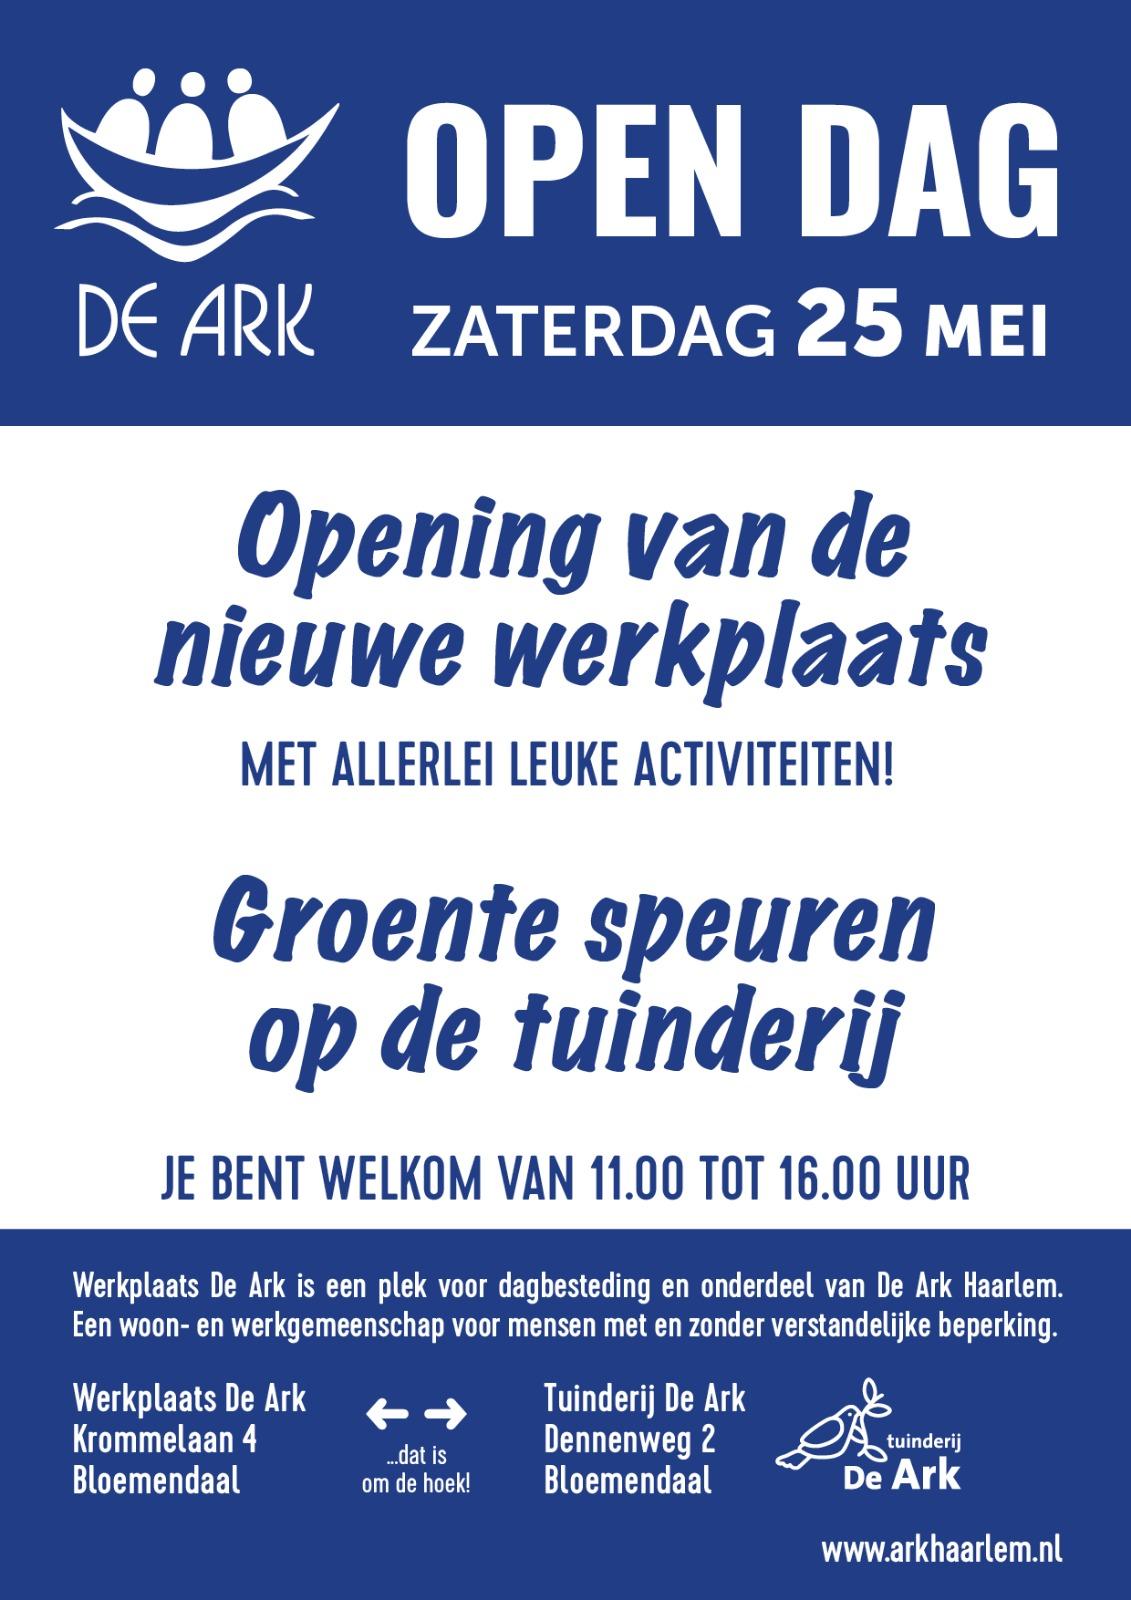 Open Dag op 25 mei